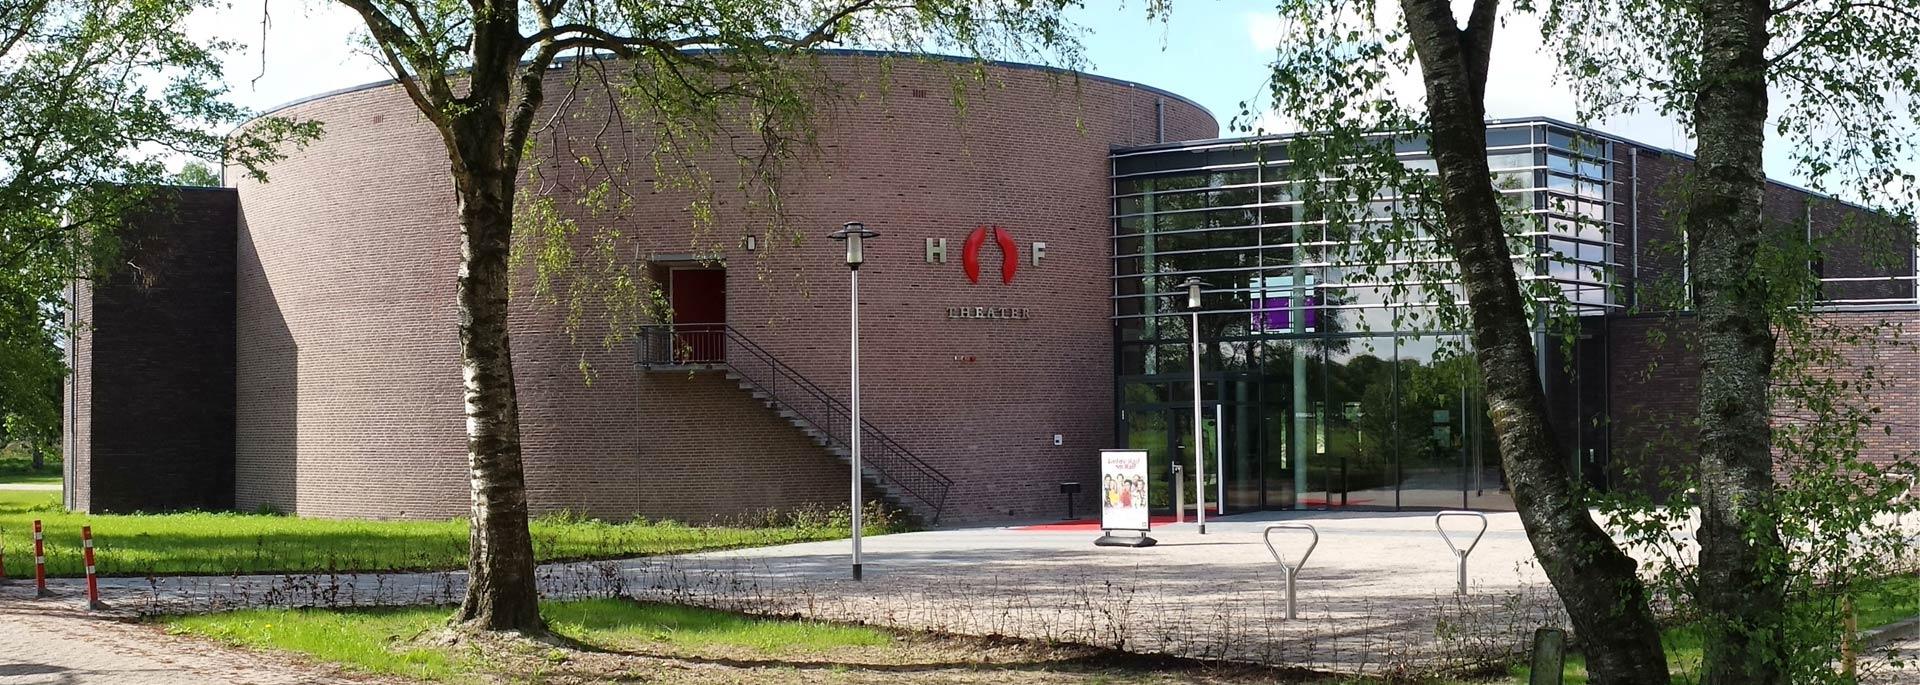 hoftheater guitarpoll